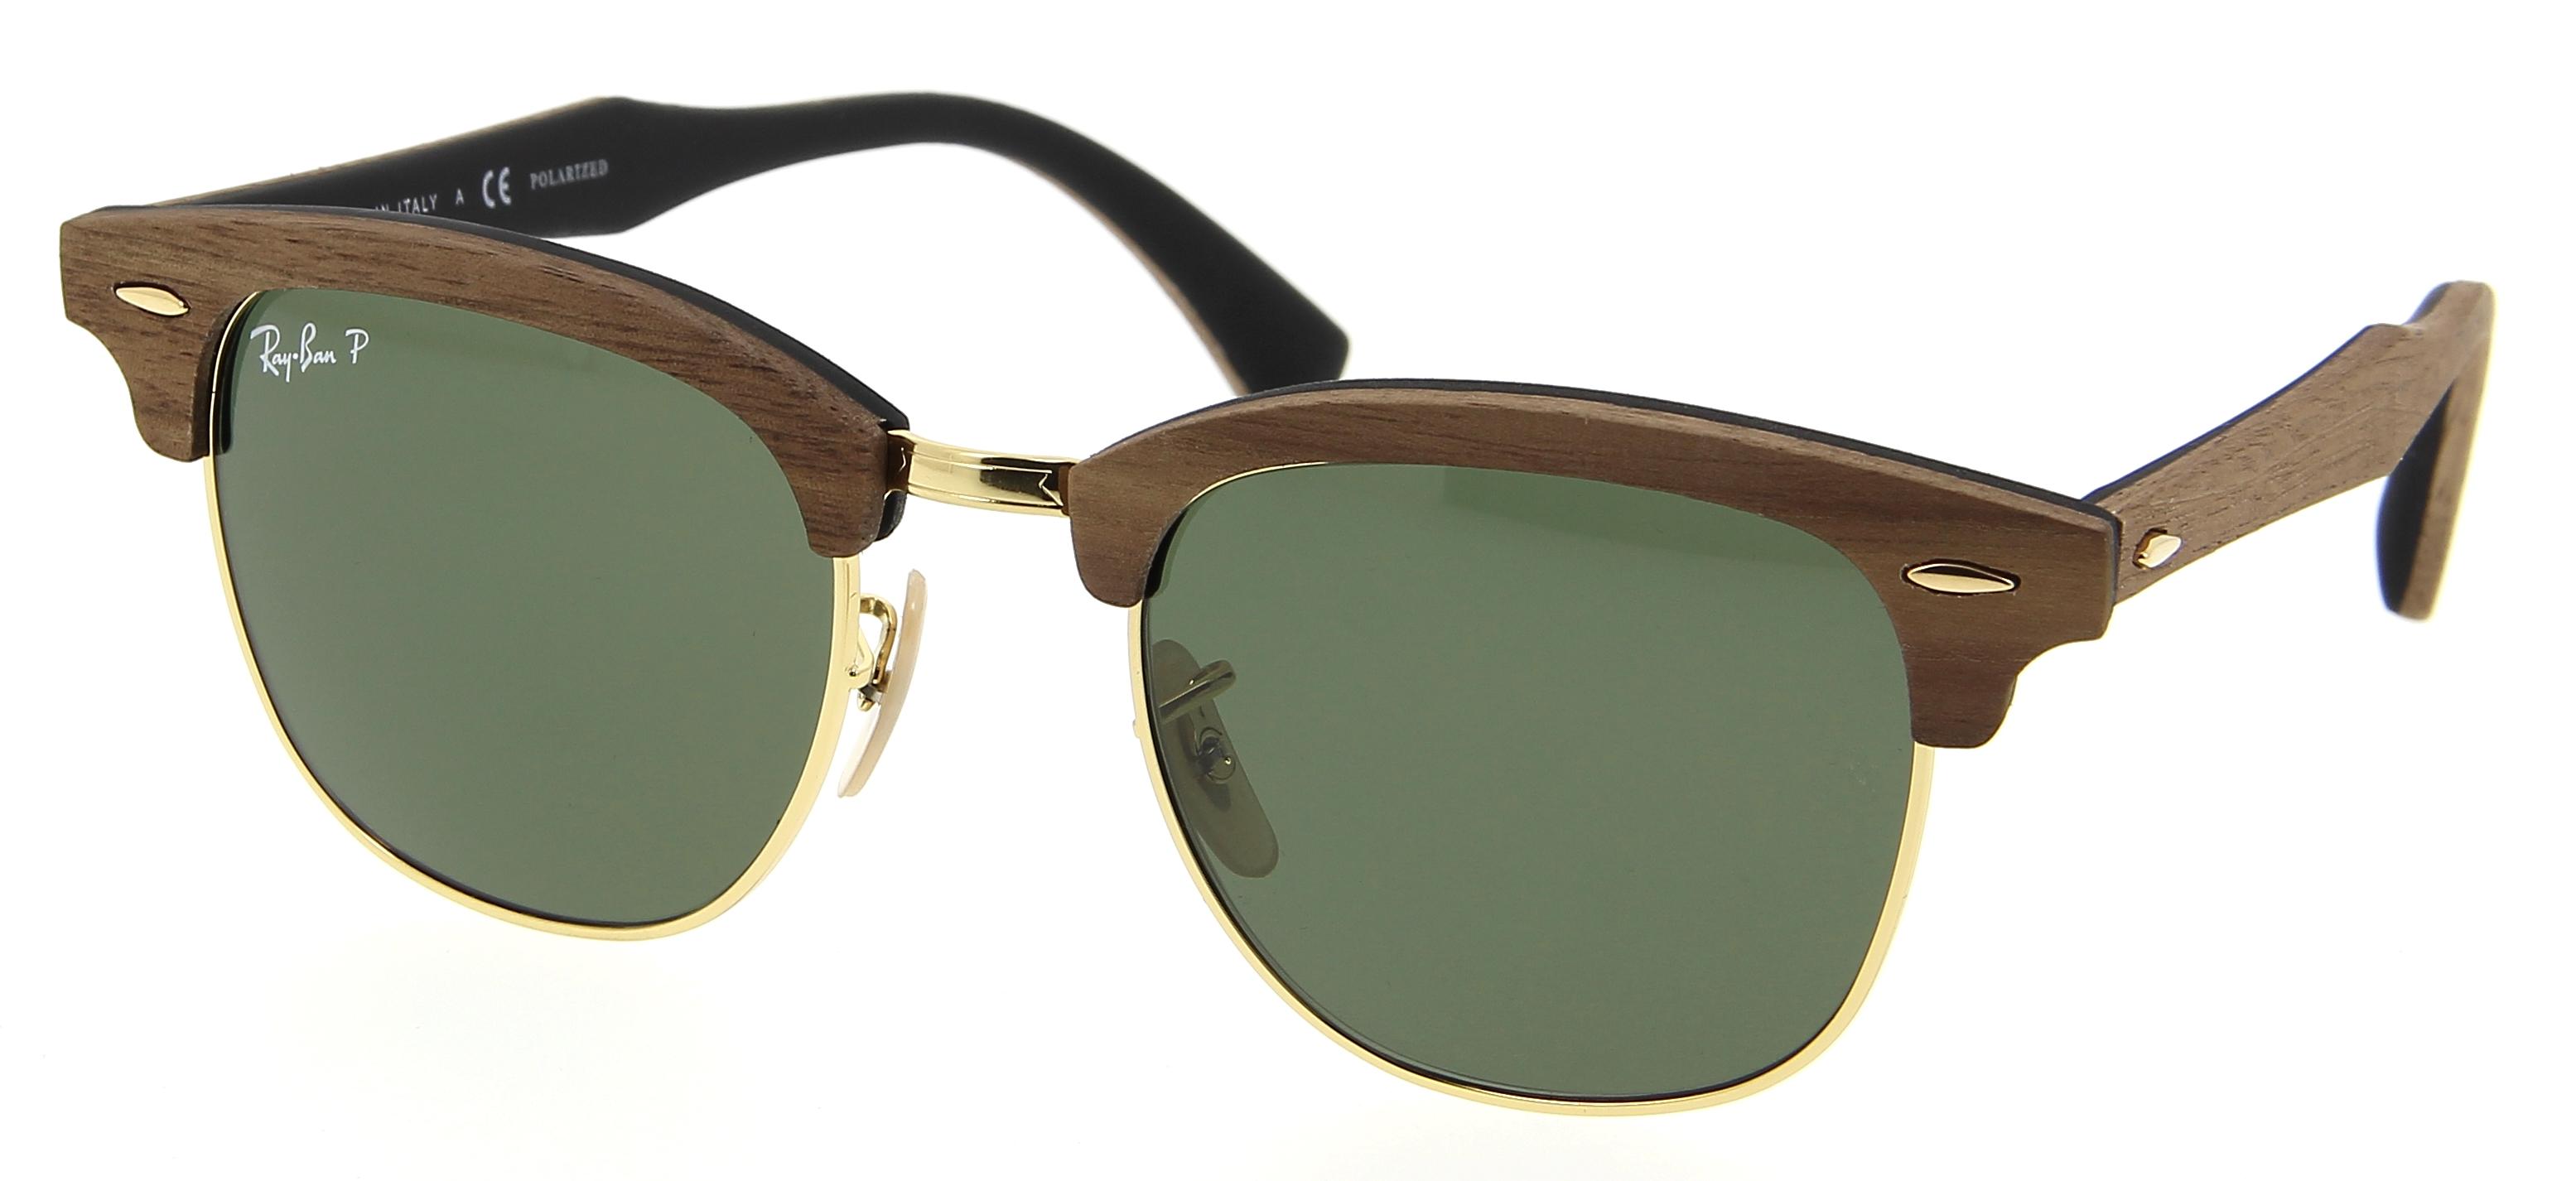 lunettes de soleil ray ban clubmaster rb 3016m 118158 51 21 mixte noisetier gomme noire. Black Bedroom Furniture Sets. Home Design Ideas